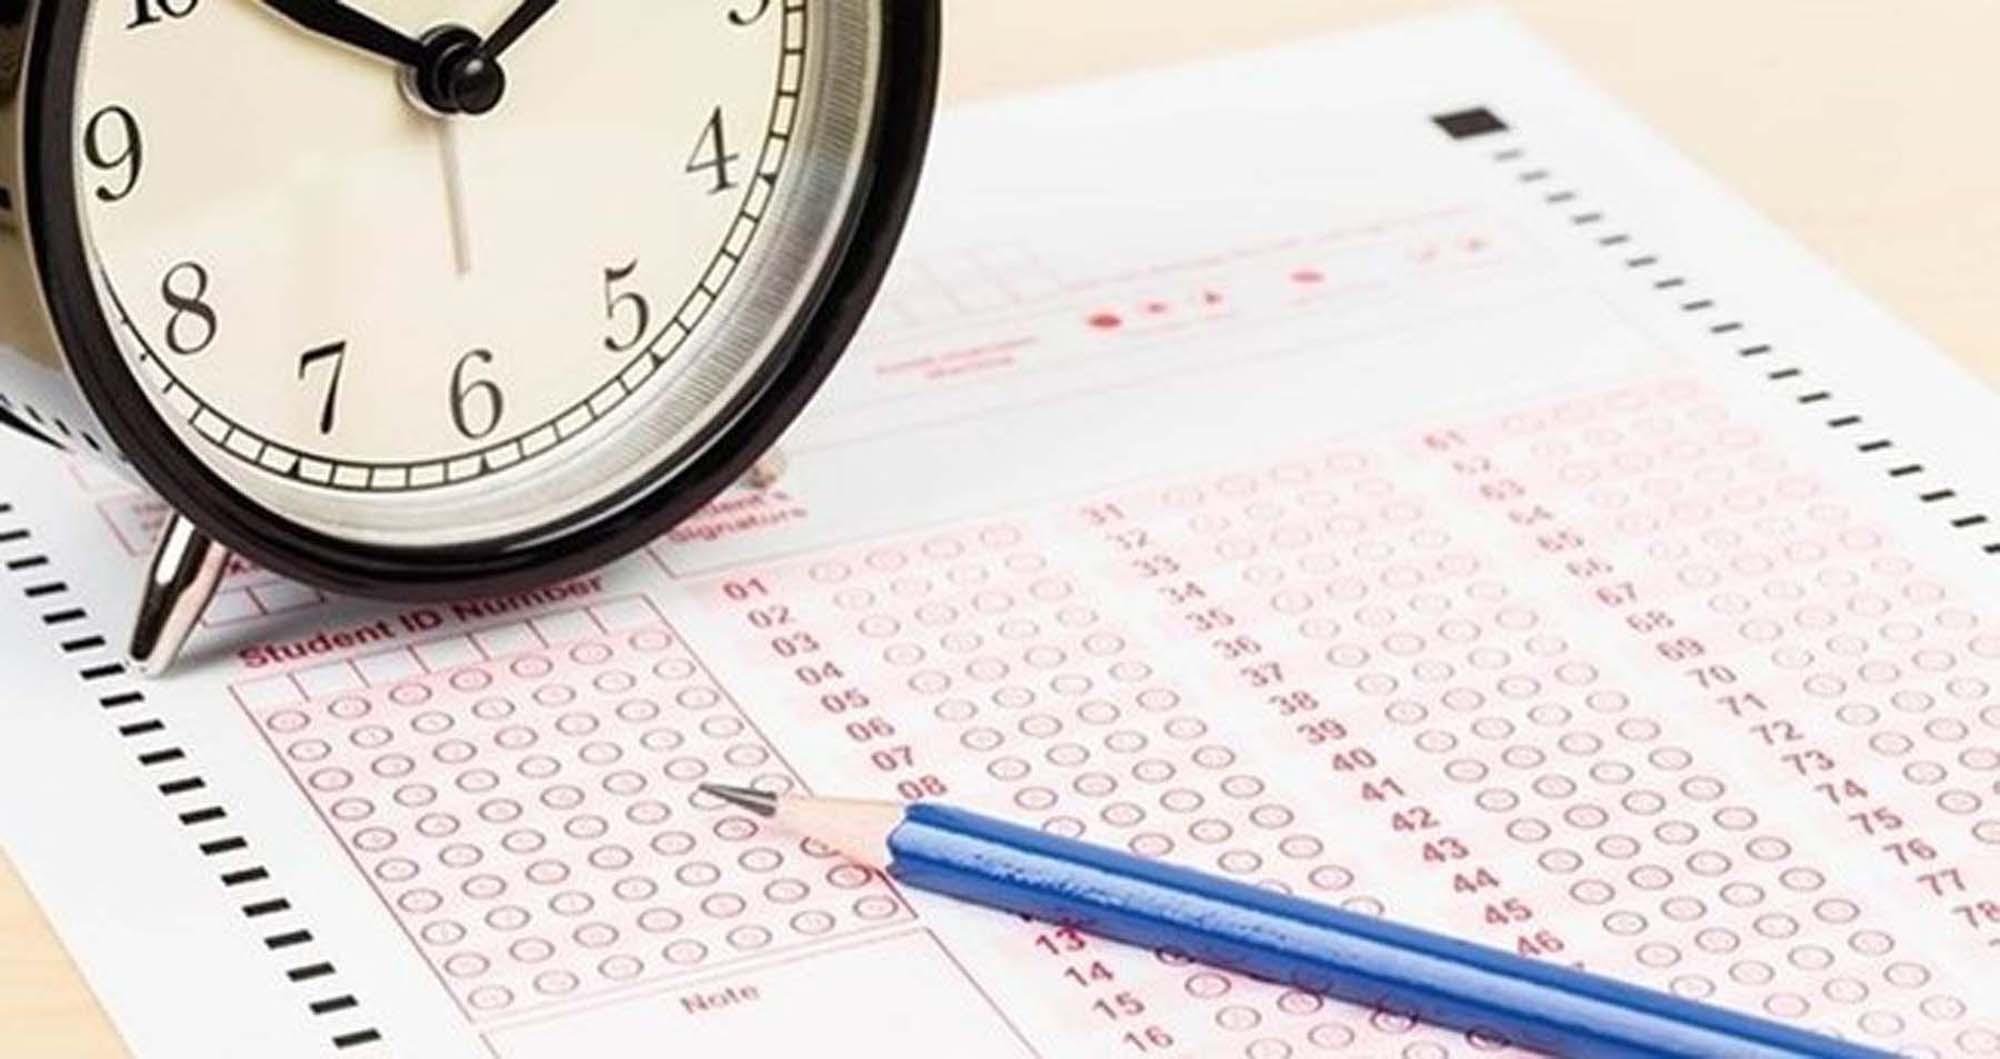 2022 KPSS Ön Lisans sınavı ne zaman? Ön Lisans KPSS başvuru tarihi 2022